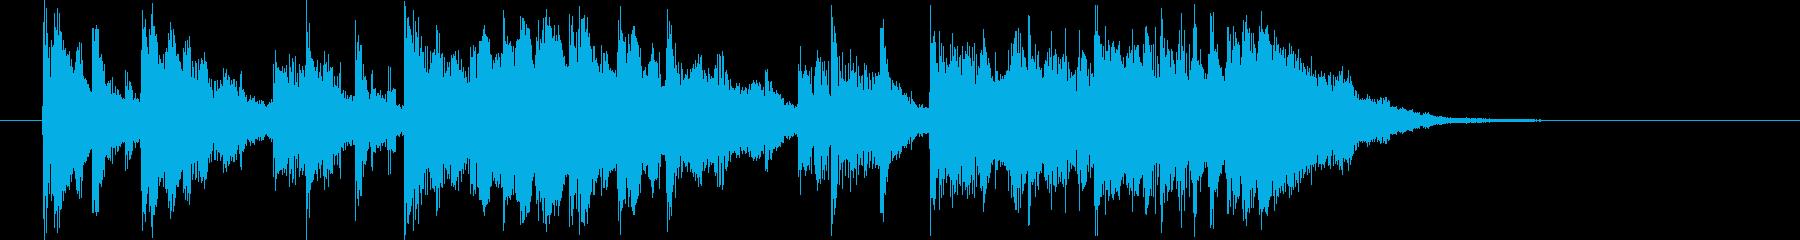 透明感があり鉄琴が印象的なBGMの再生済みの波形